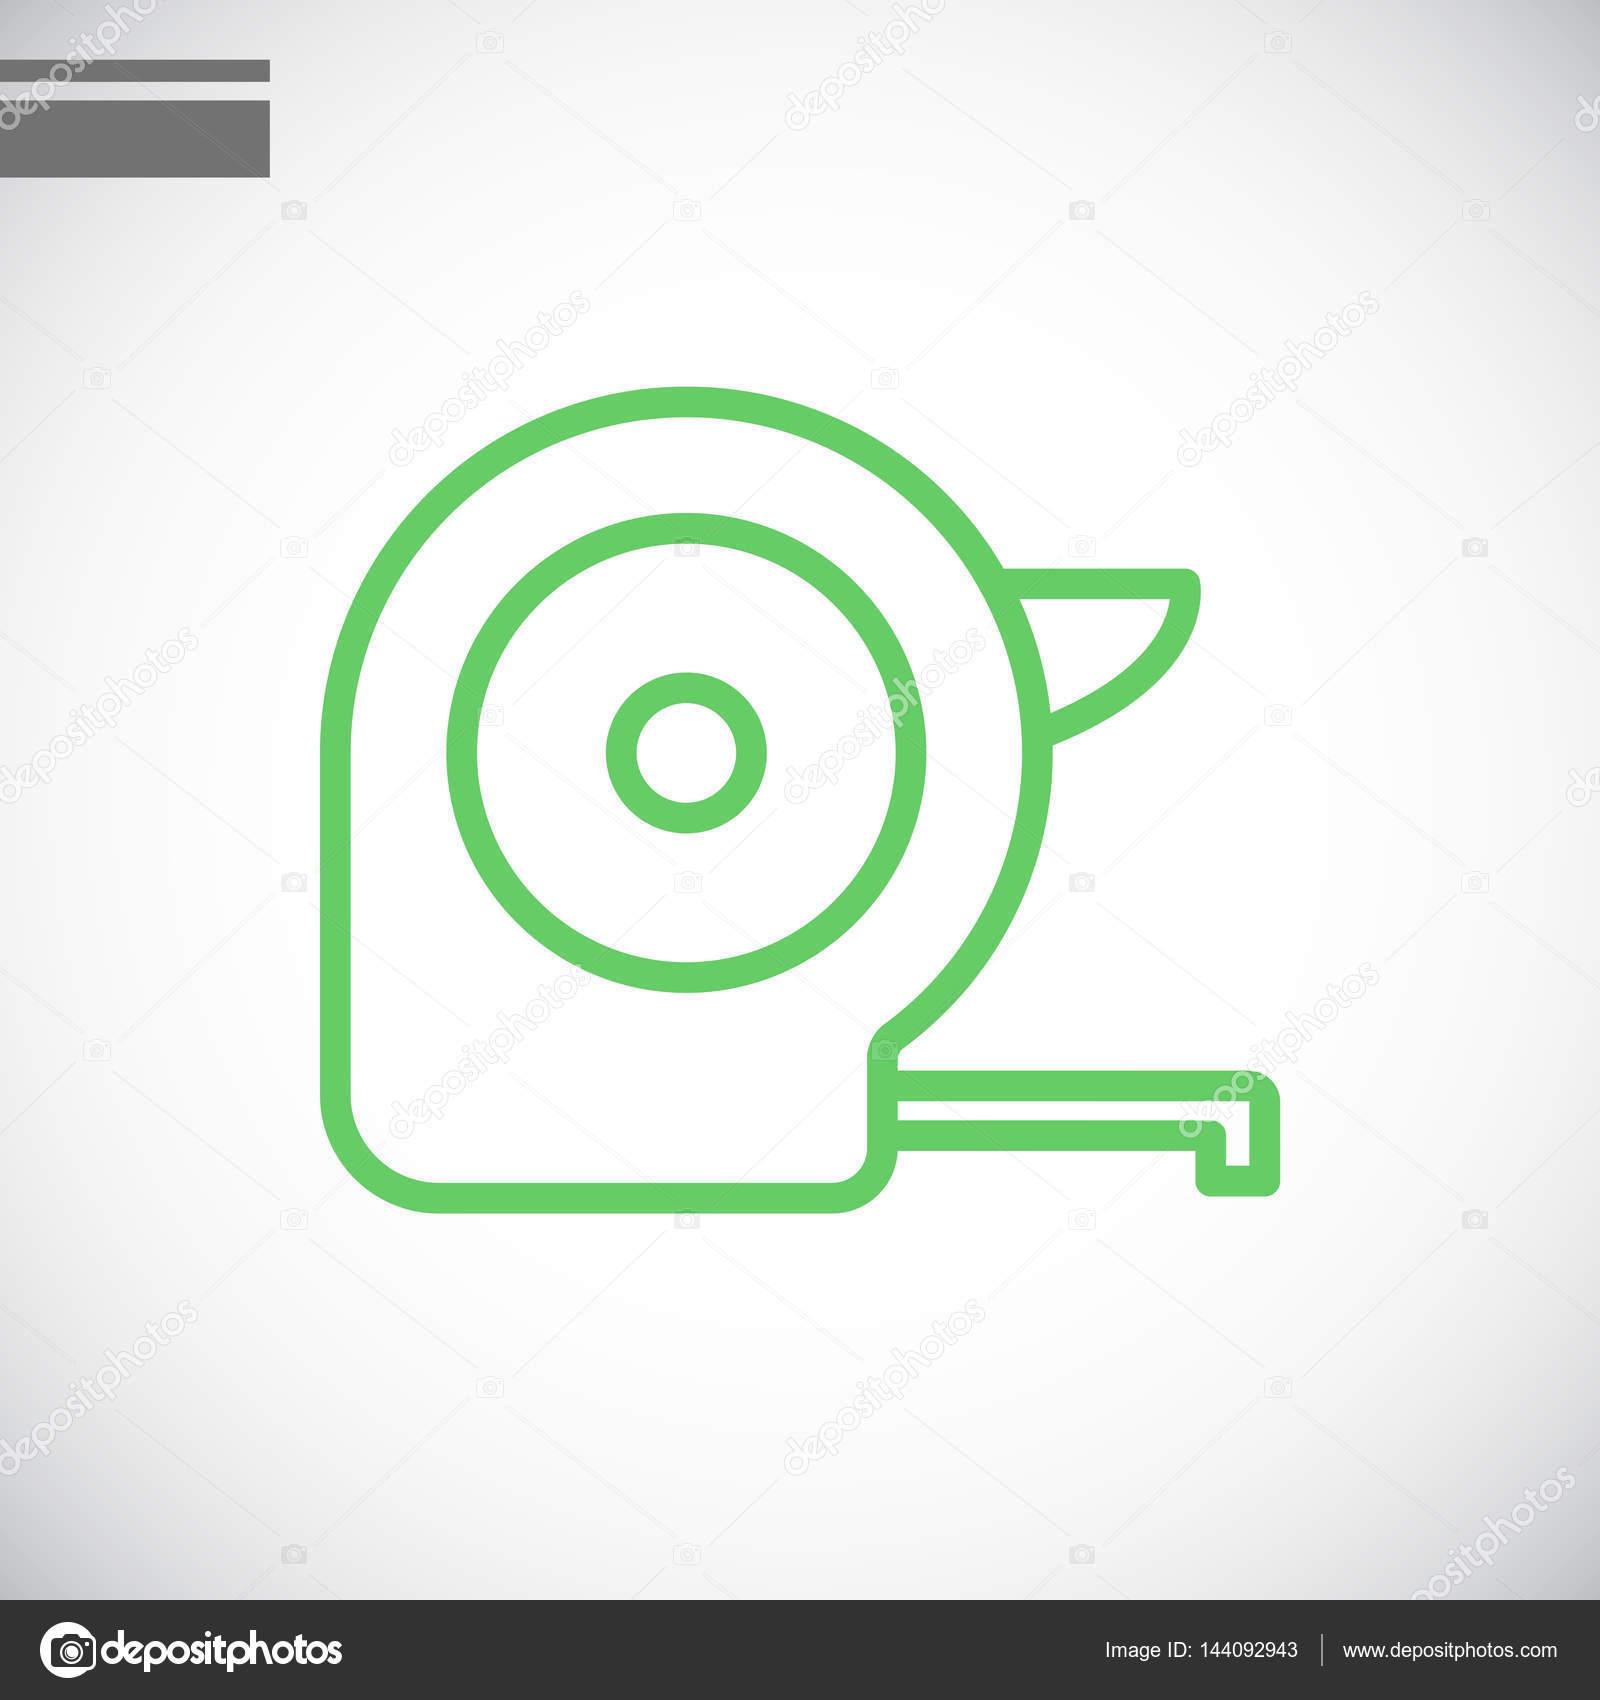 矢量图的轮盘赌建设图标– 图库插图